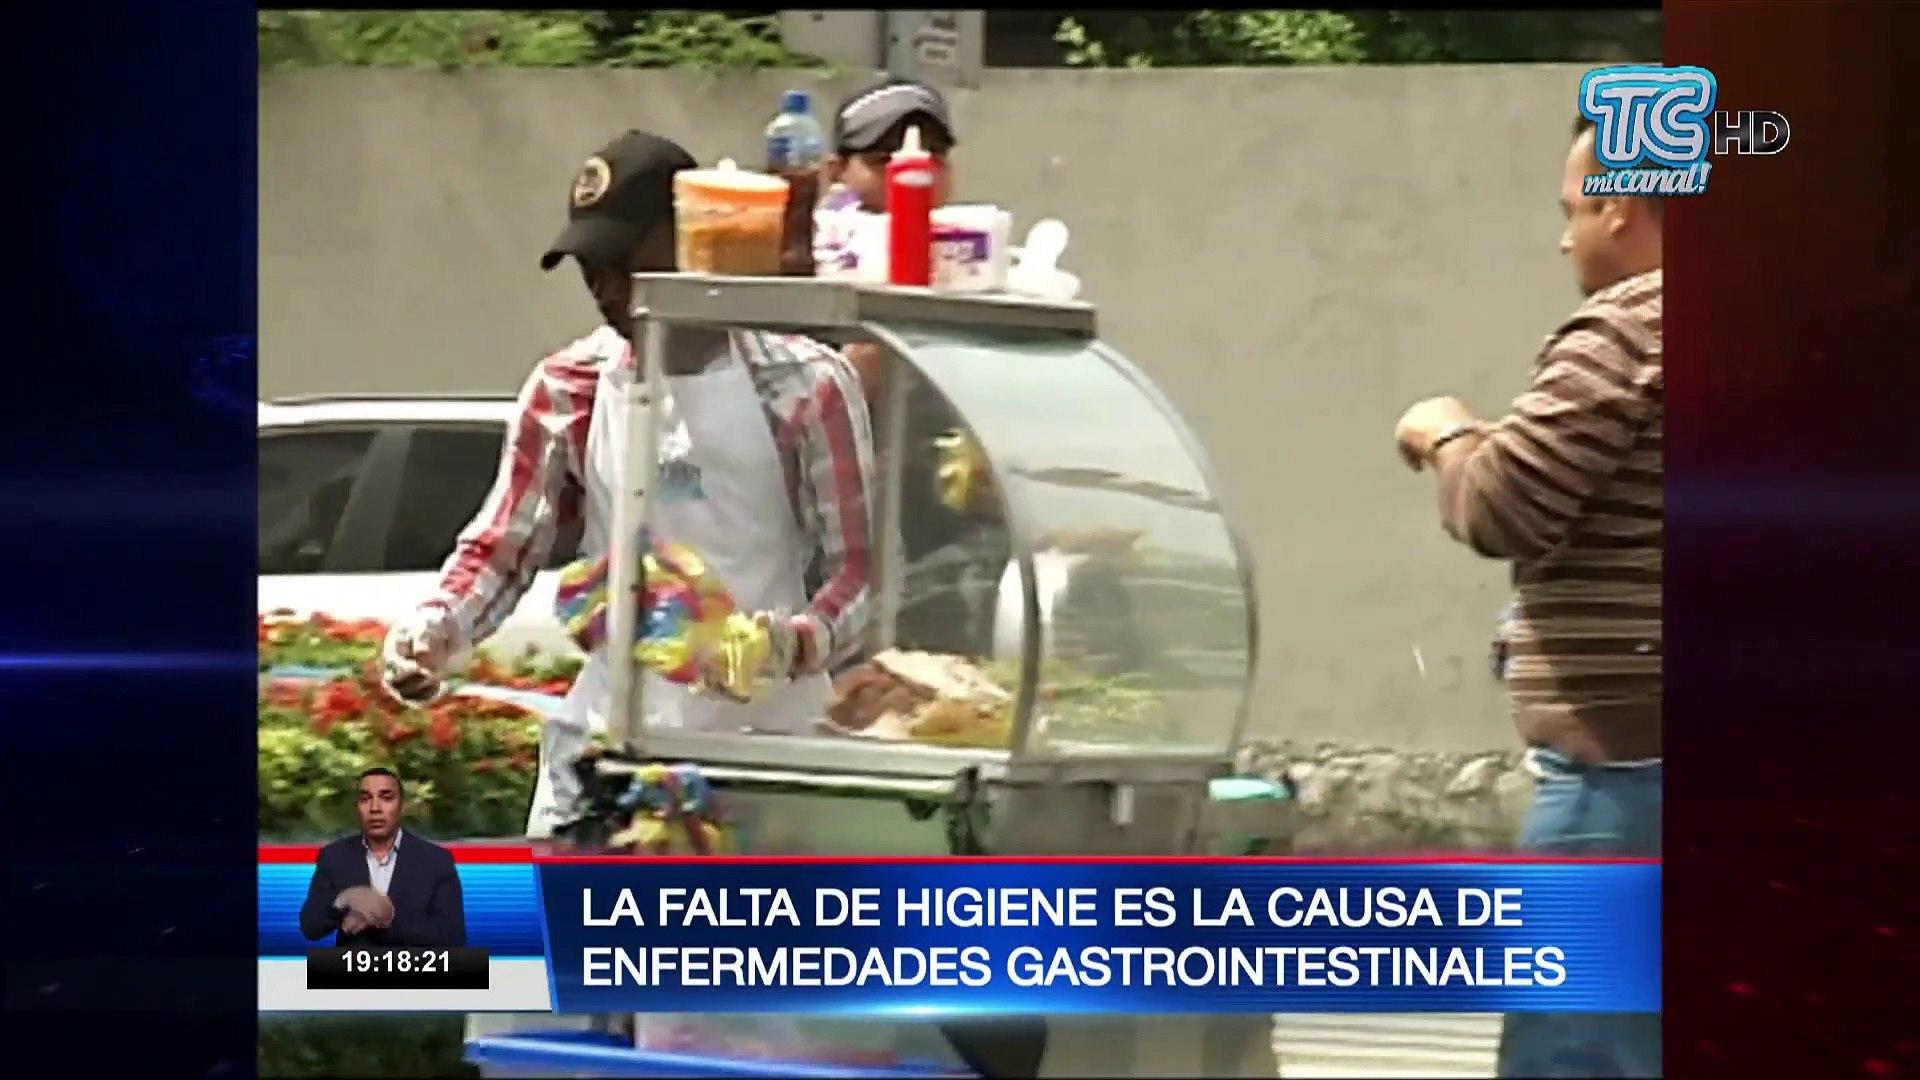 Comidas en la calle contienen bacterias generadas por falta de higiene